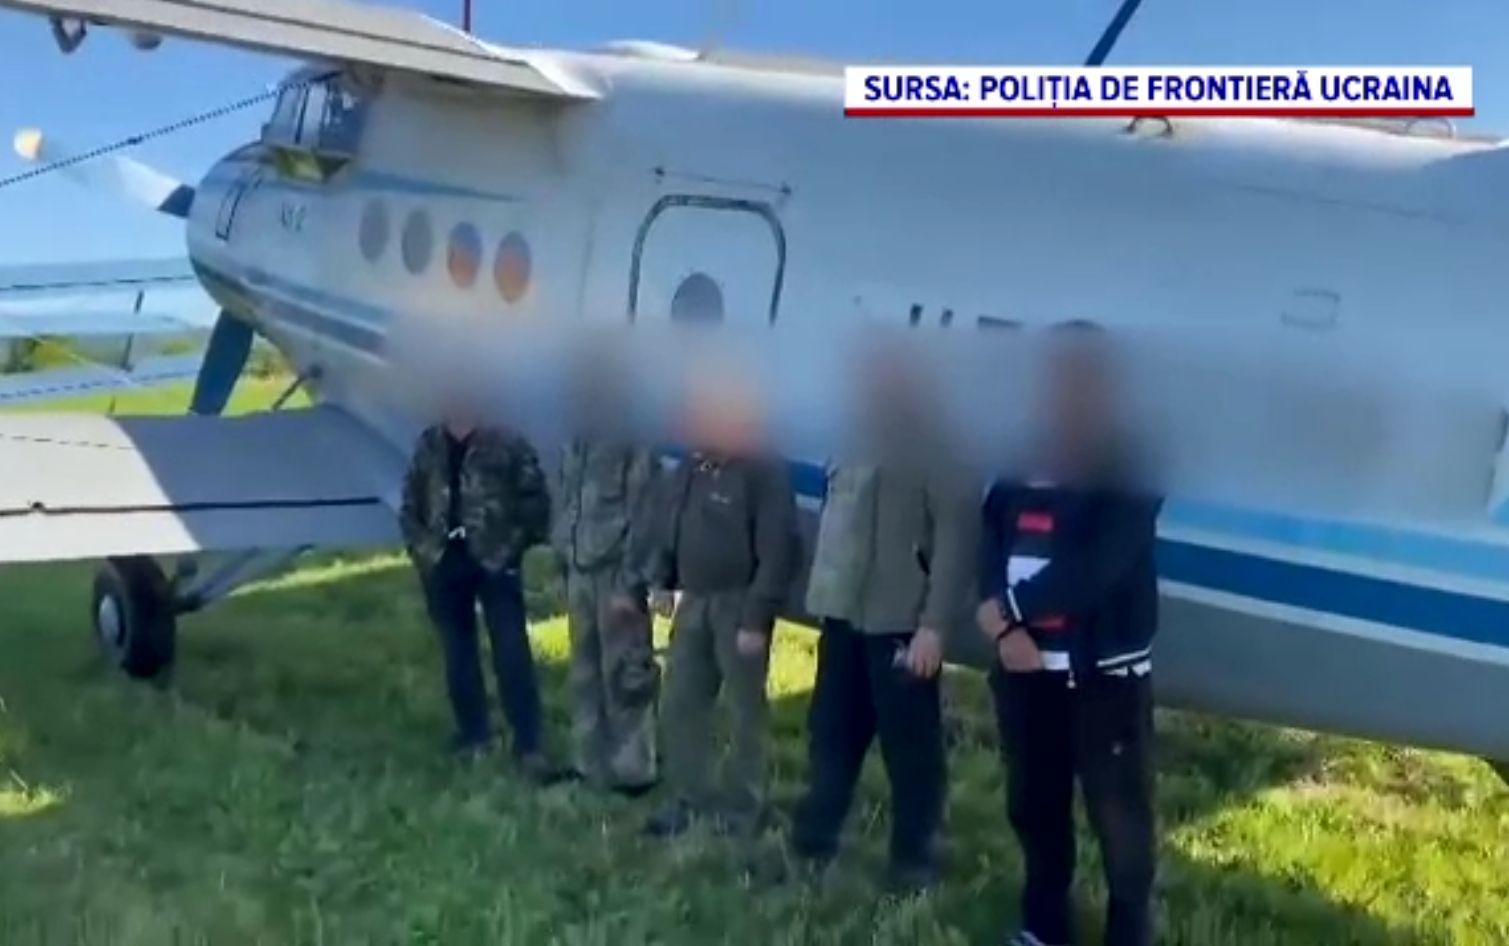 Un avion a intrat ilegal în România, apoi a fost coborât forțat de aviația ucraineană. Ar fi făcut contrabandă cu țigări